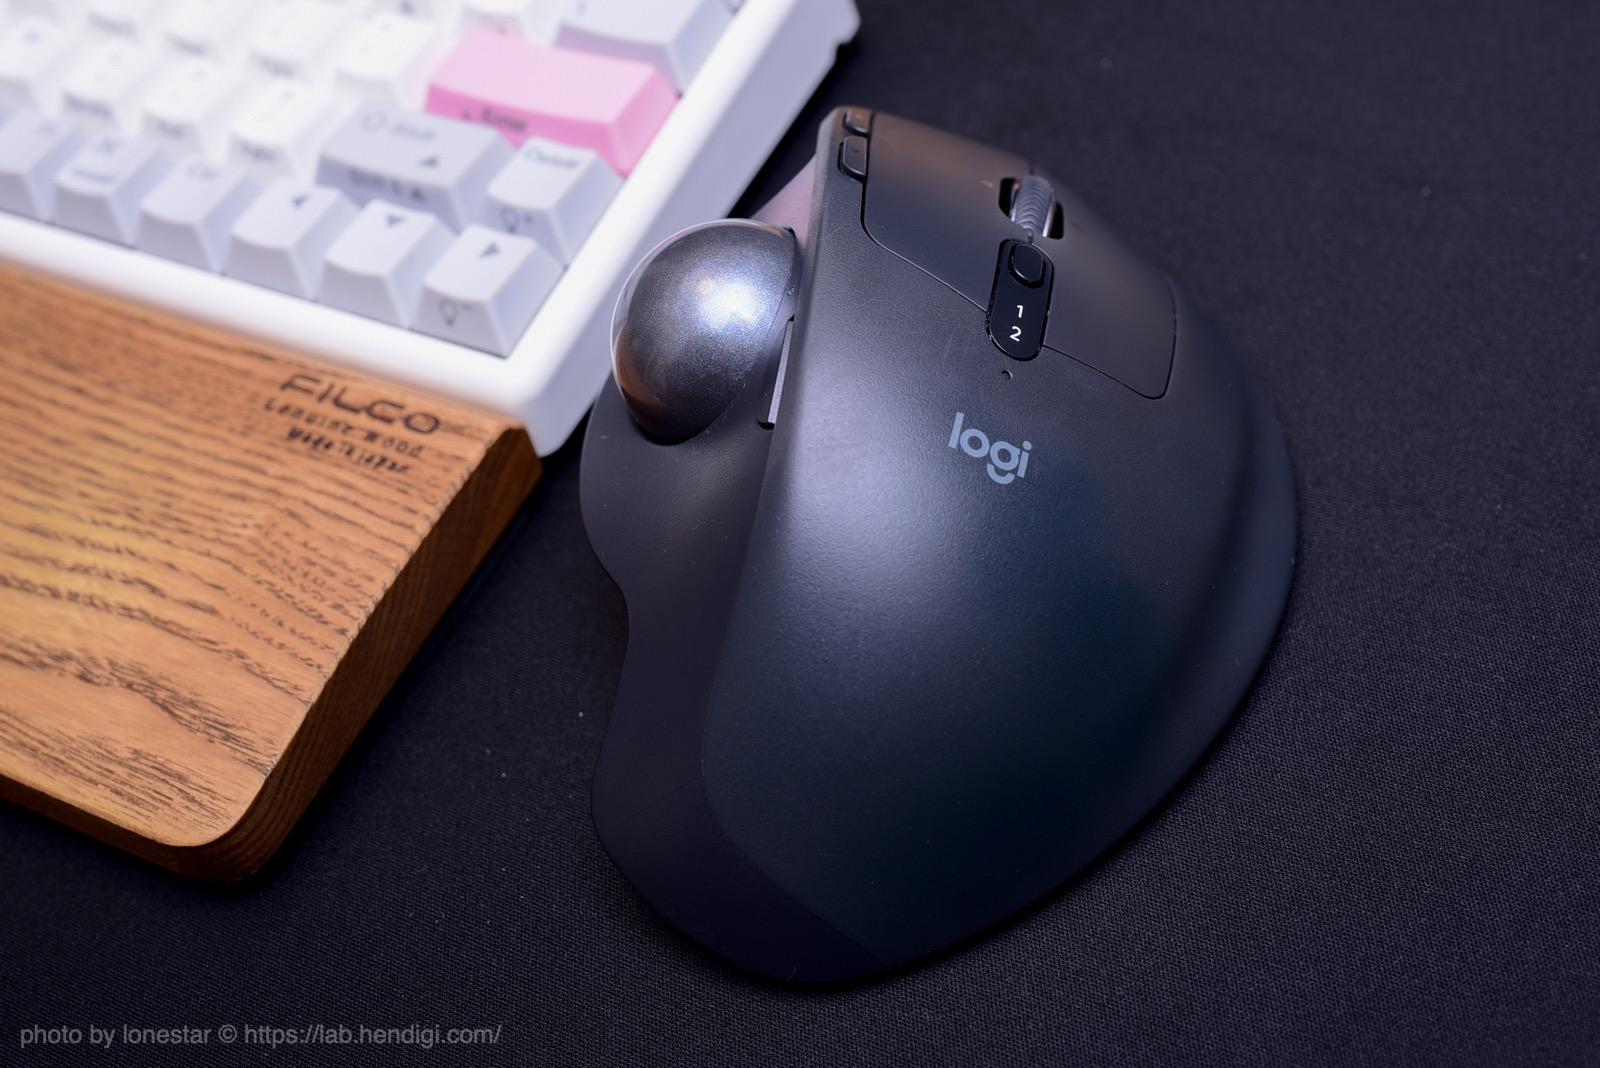 トラックボール マウス MX ERGO